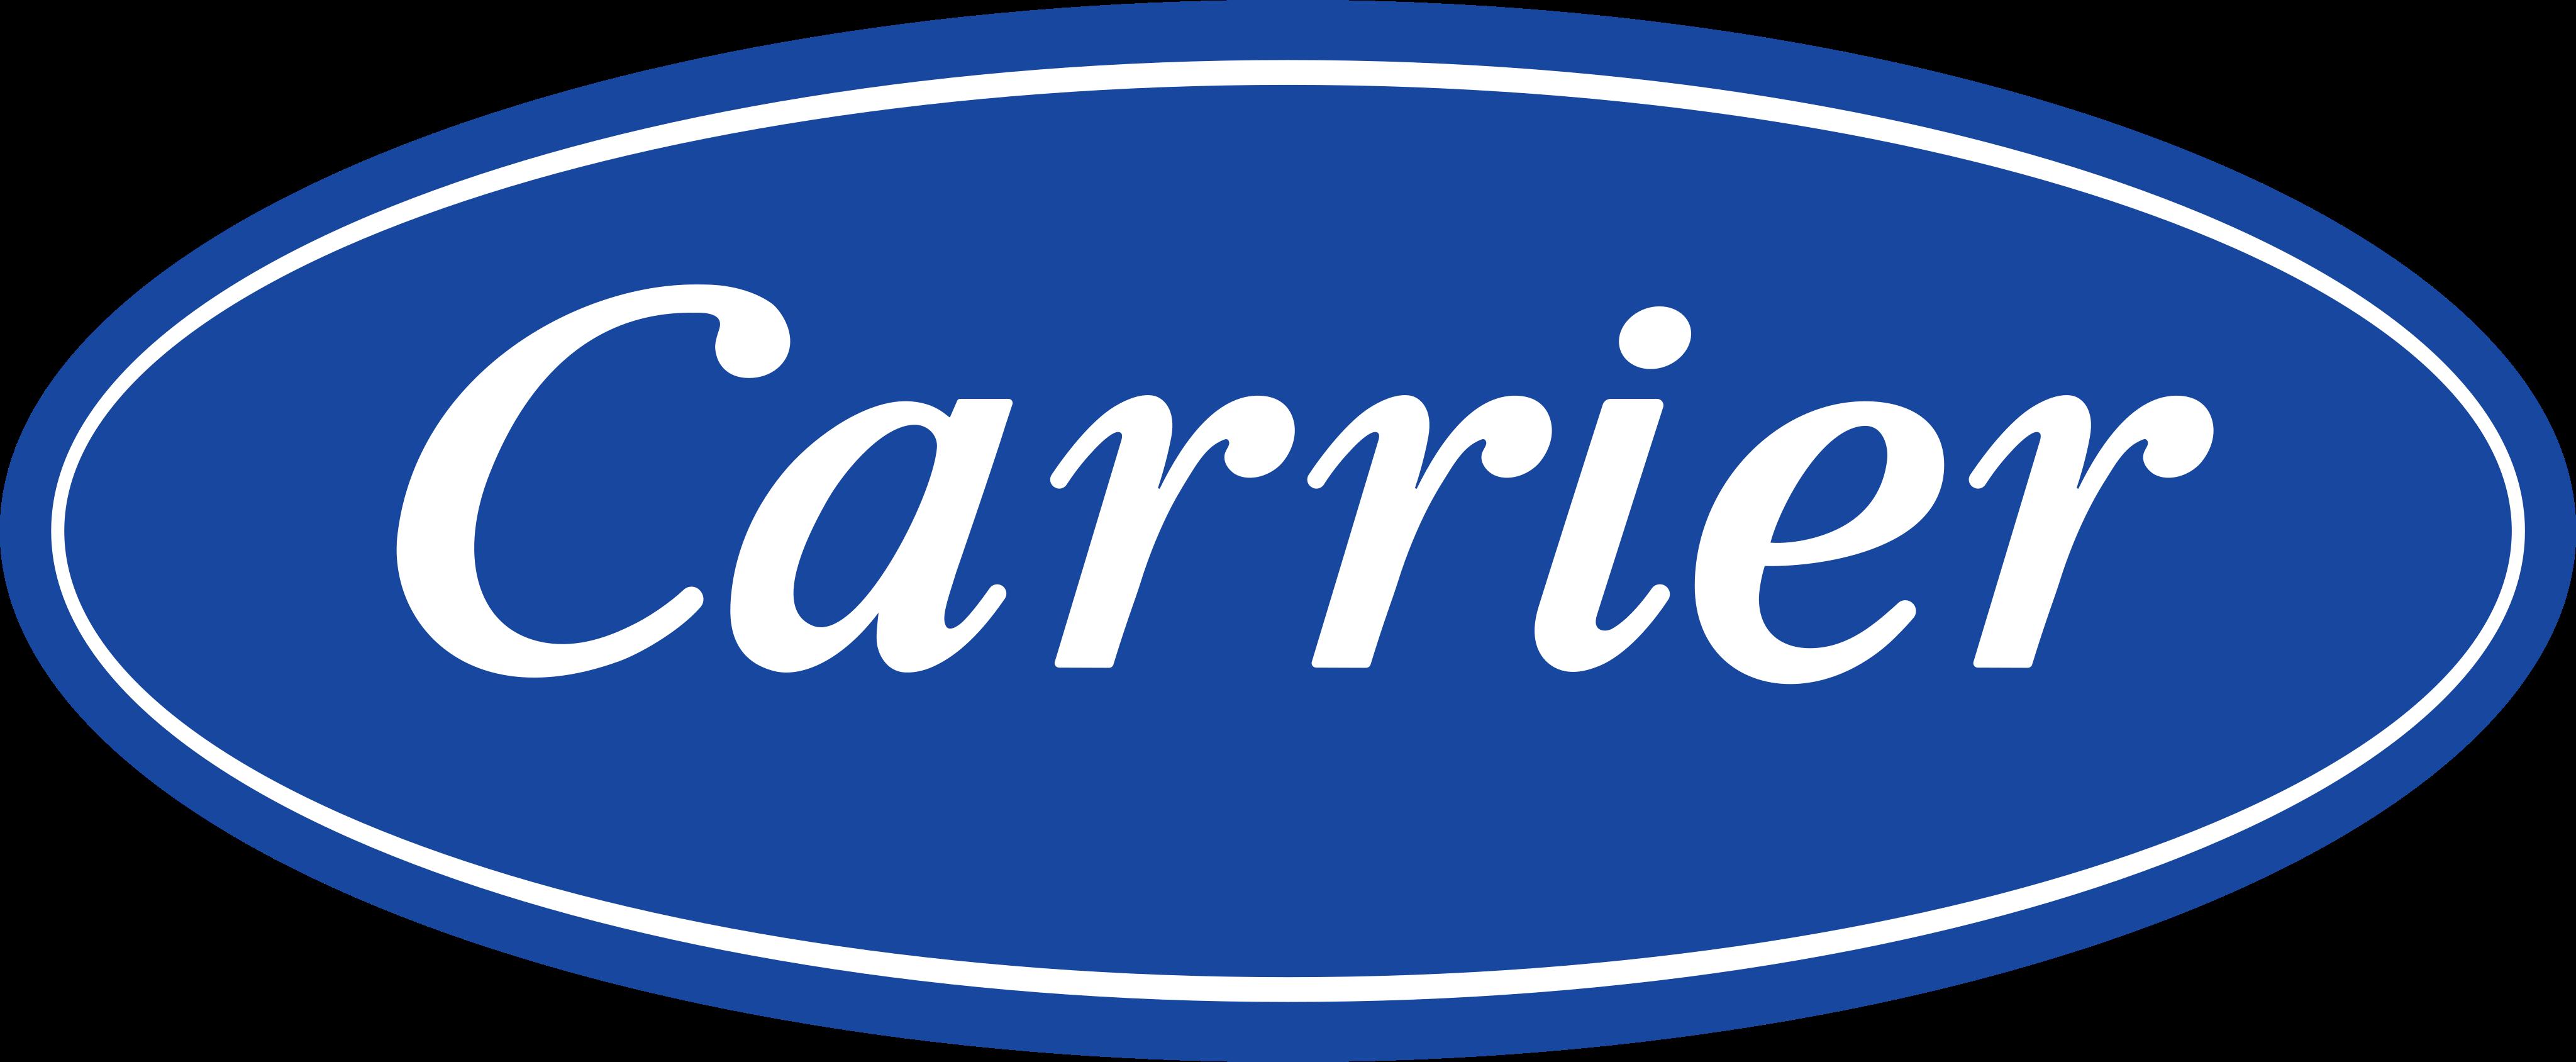 carrier logo 14 - Carrier Logo